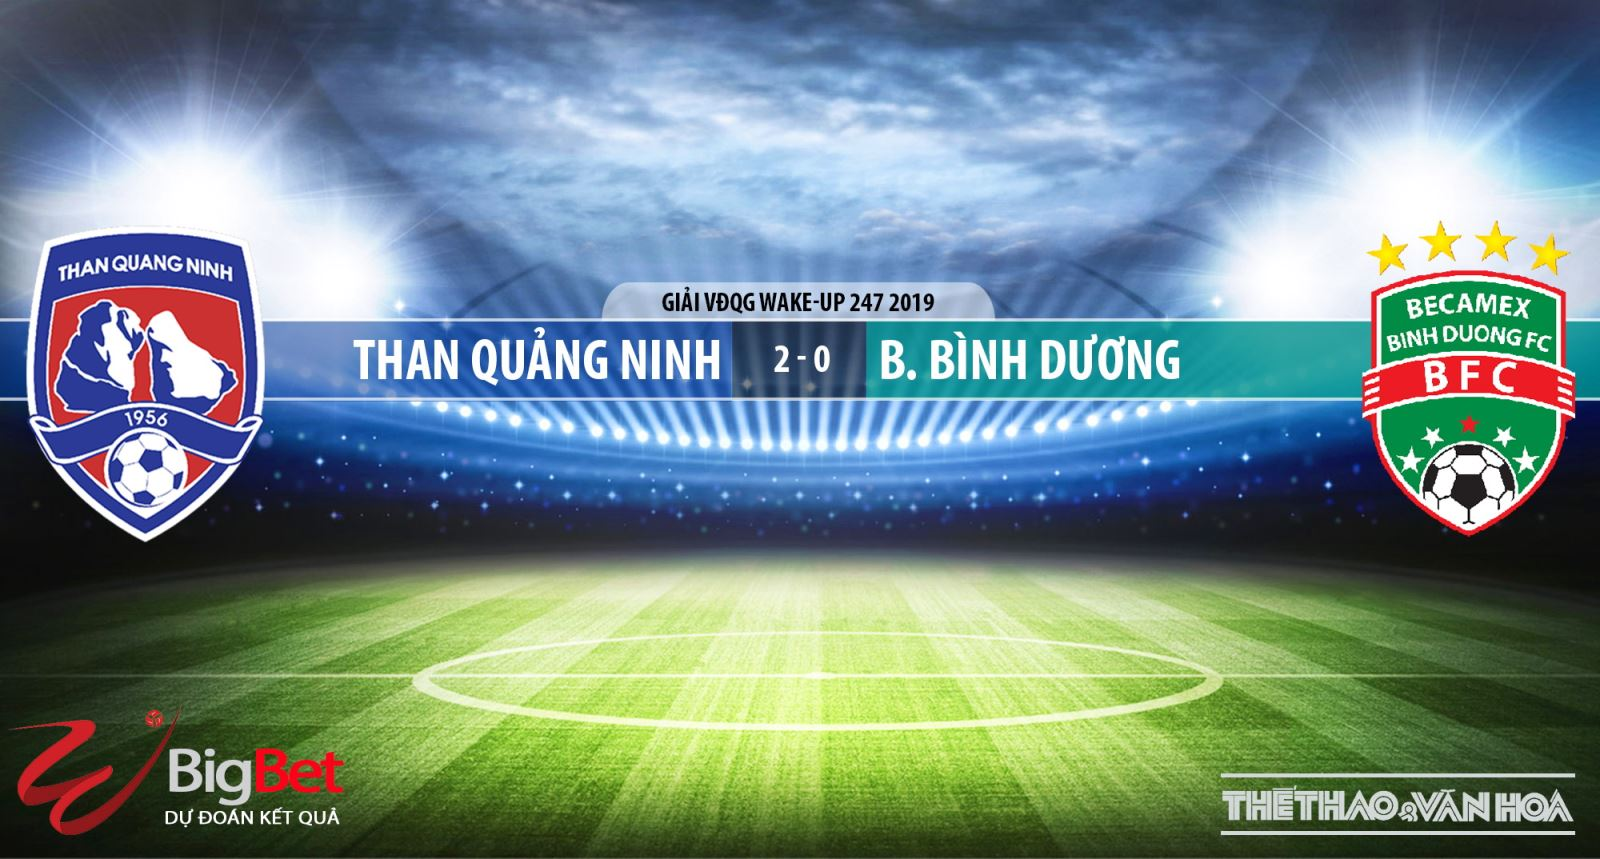 trực tiếp bóng đá, Than Quảng Ninh vs Bình Dương, Than Quảng Ninh đấu với Bình Dương, soi kèo bóng đá, truc tiep bong da, bong da hom nay, V-League 2019, VTV6, Bóng đá TV, FPT Play